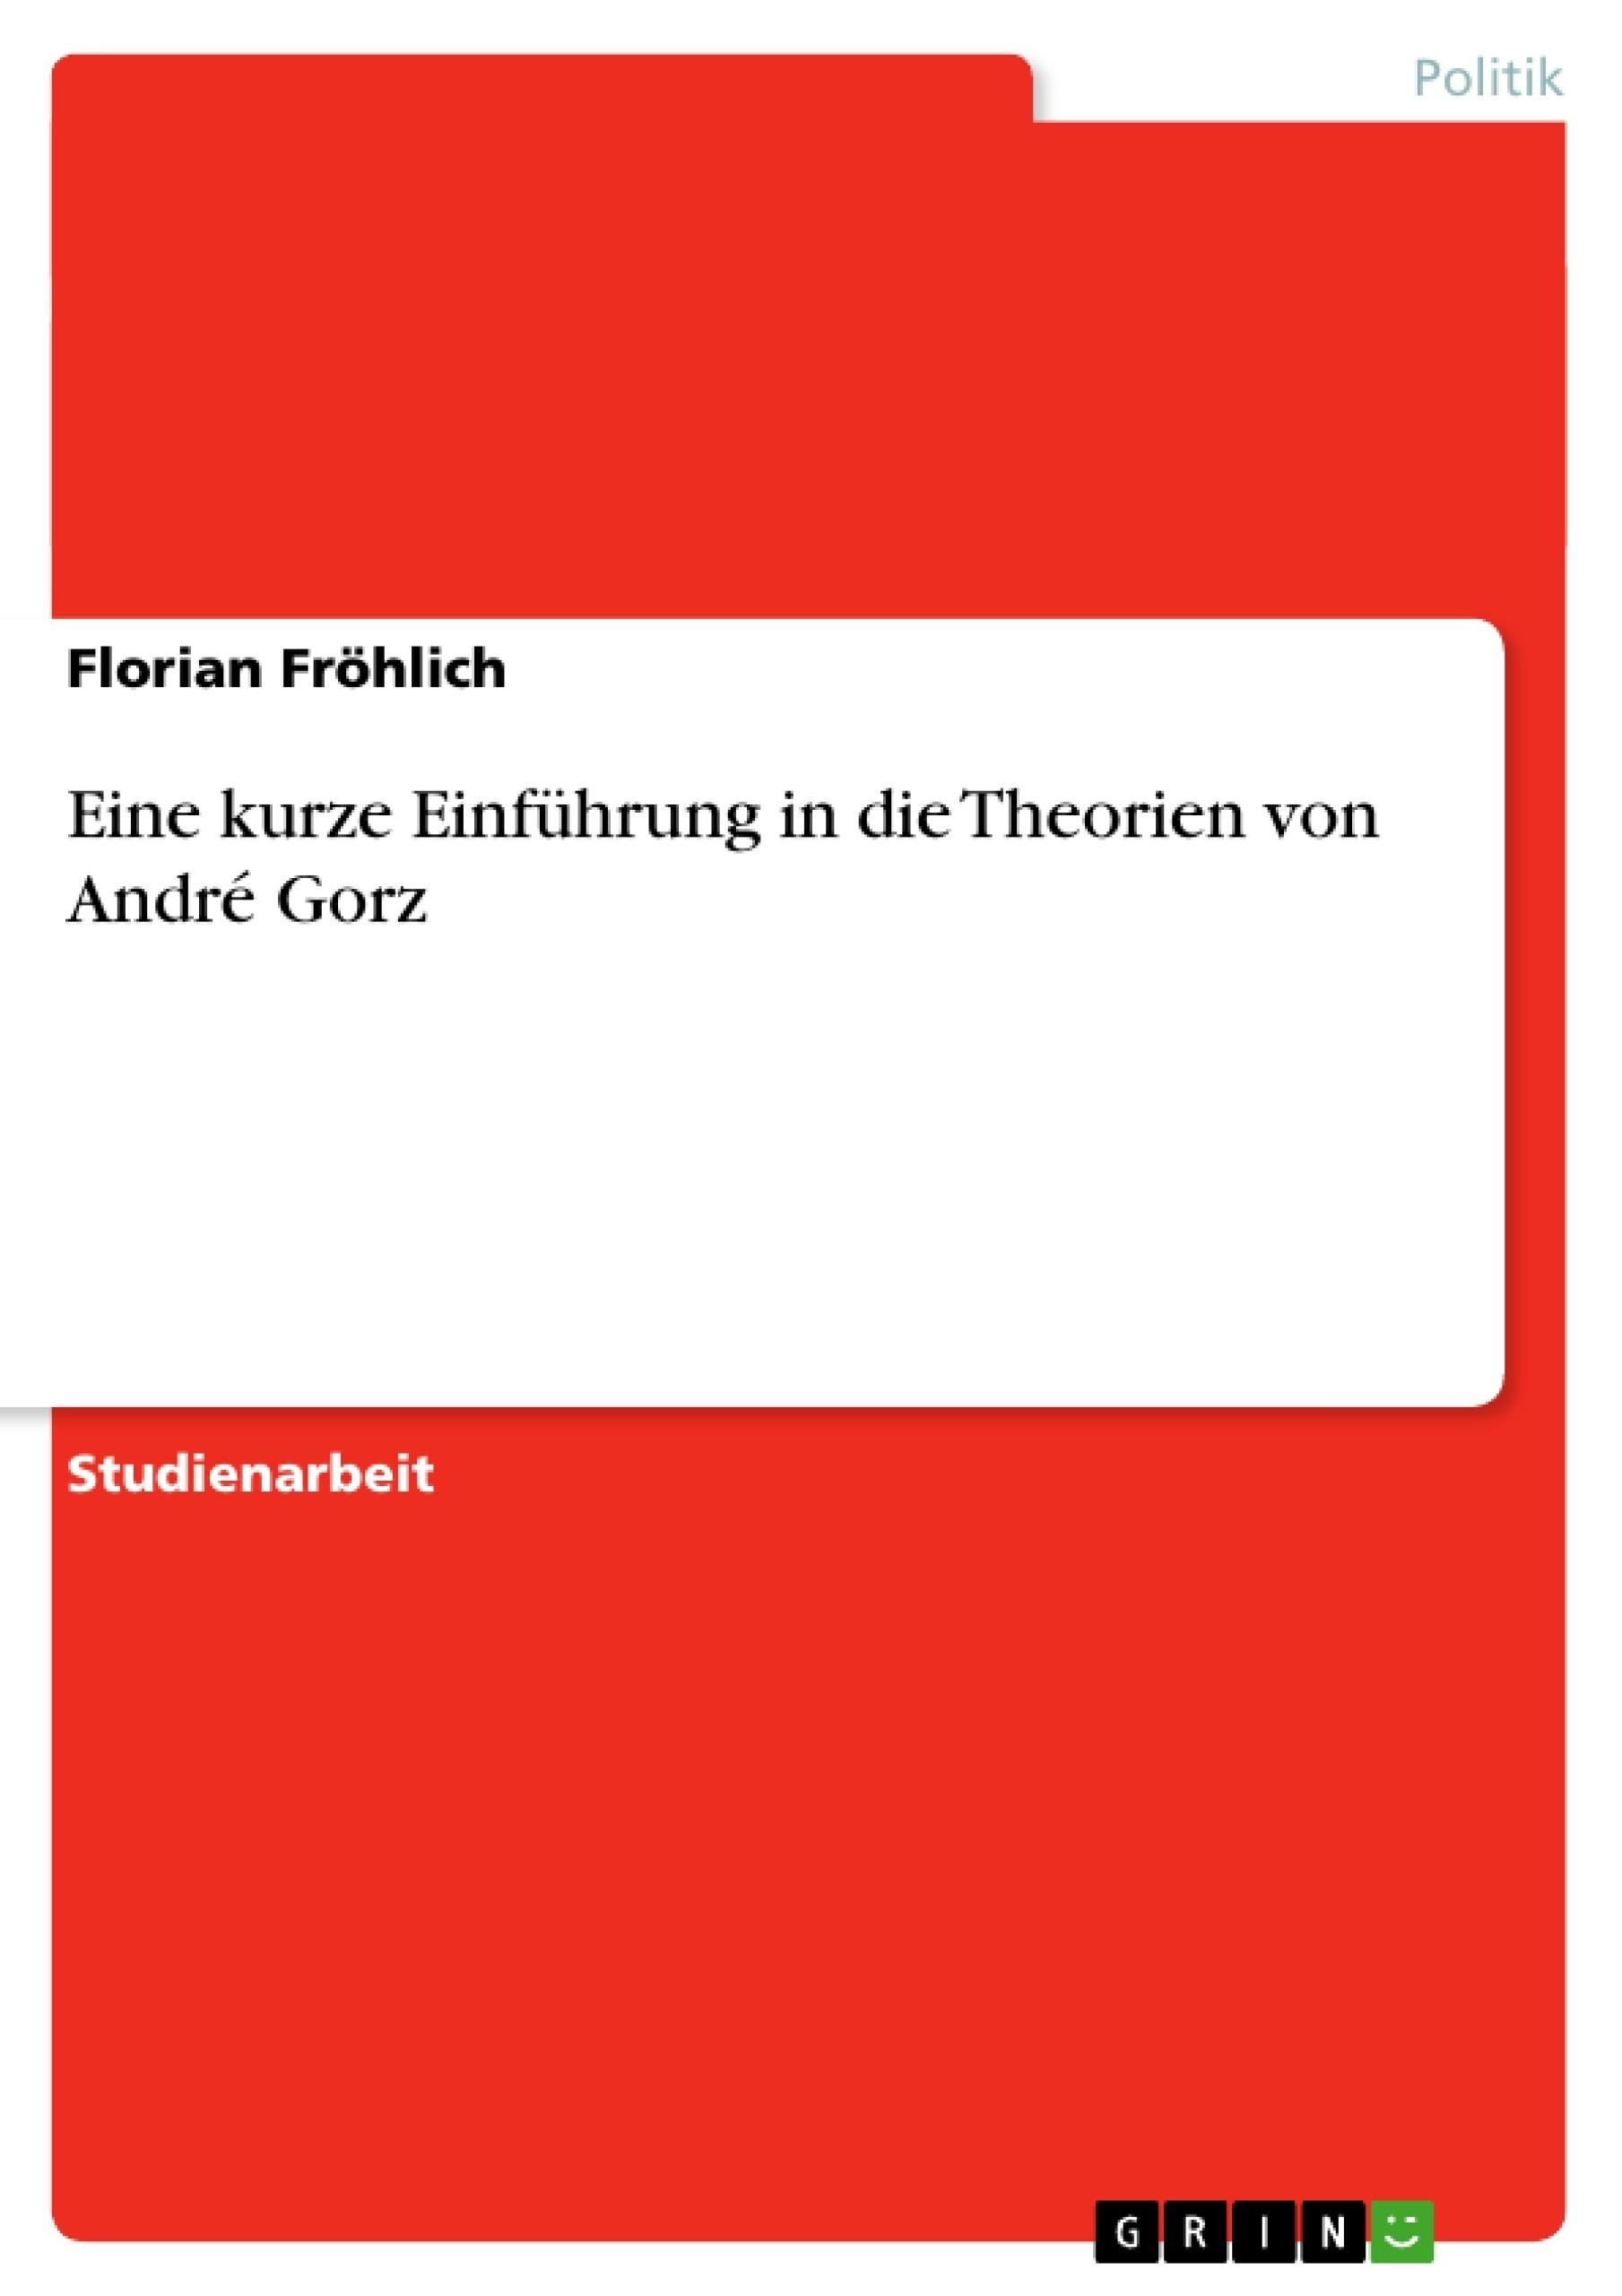 Titel: Eine kurze Einführung in die Theorien von André Gorz